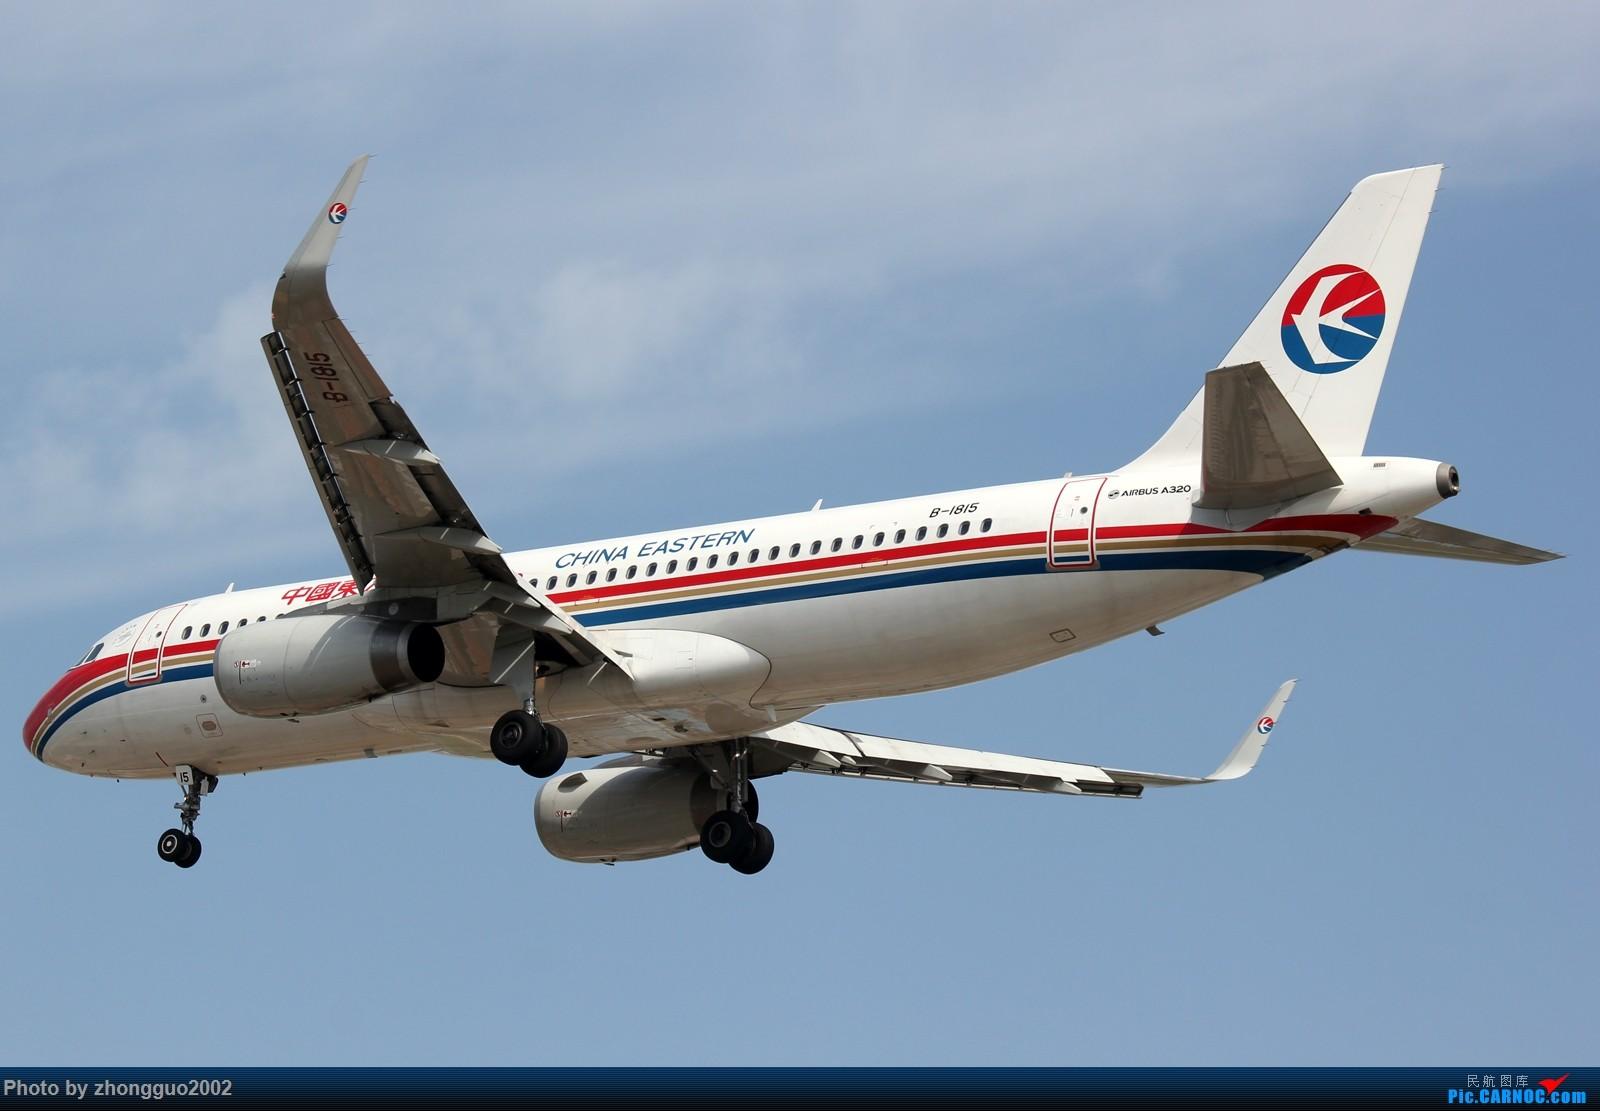 Re:[原创]【BLDDQ--深圳打机队】发小飞机盖楼贴,凡跟帖1字开头大陆民航飞机图的,每图五架小飞机不重复 AIRBUS A320-200 B-1815 中国呼和浩特白塔国际机场